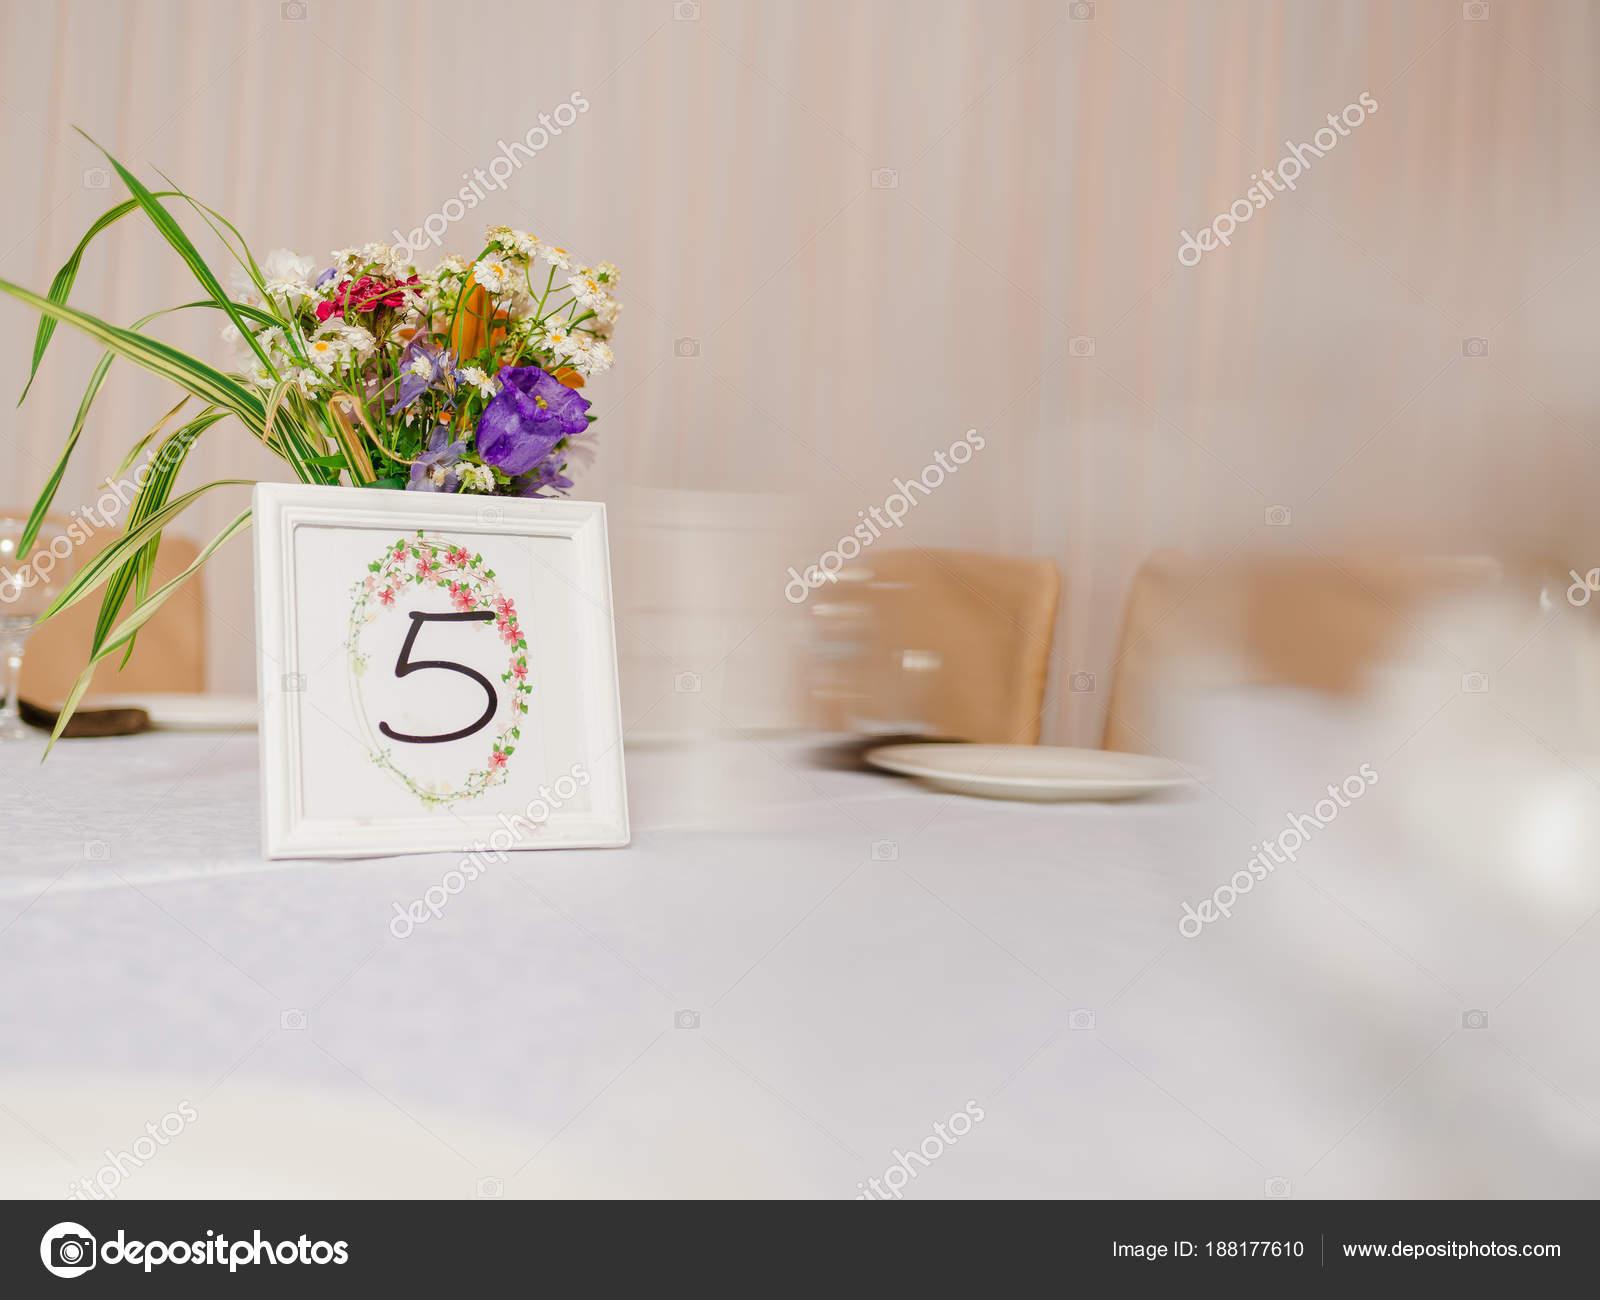 dc045ad52dd6 Διακοσμήσεις γάμου. Πίνακας διακόσμηση. Άγρια λουλούδια στο βάζο. Αρίθμηση  των πινάκων. Δισκία για την αρίθμηση των πινάκων. Καθίσματα για τους  επισκέπτες ...